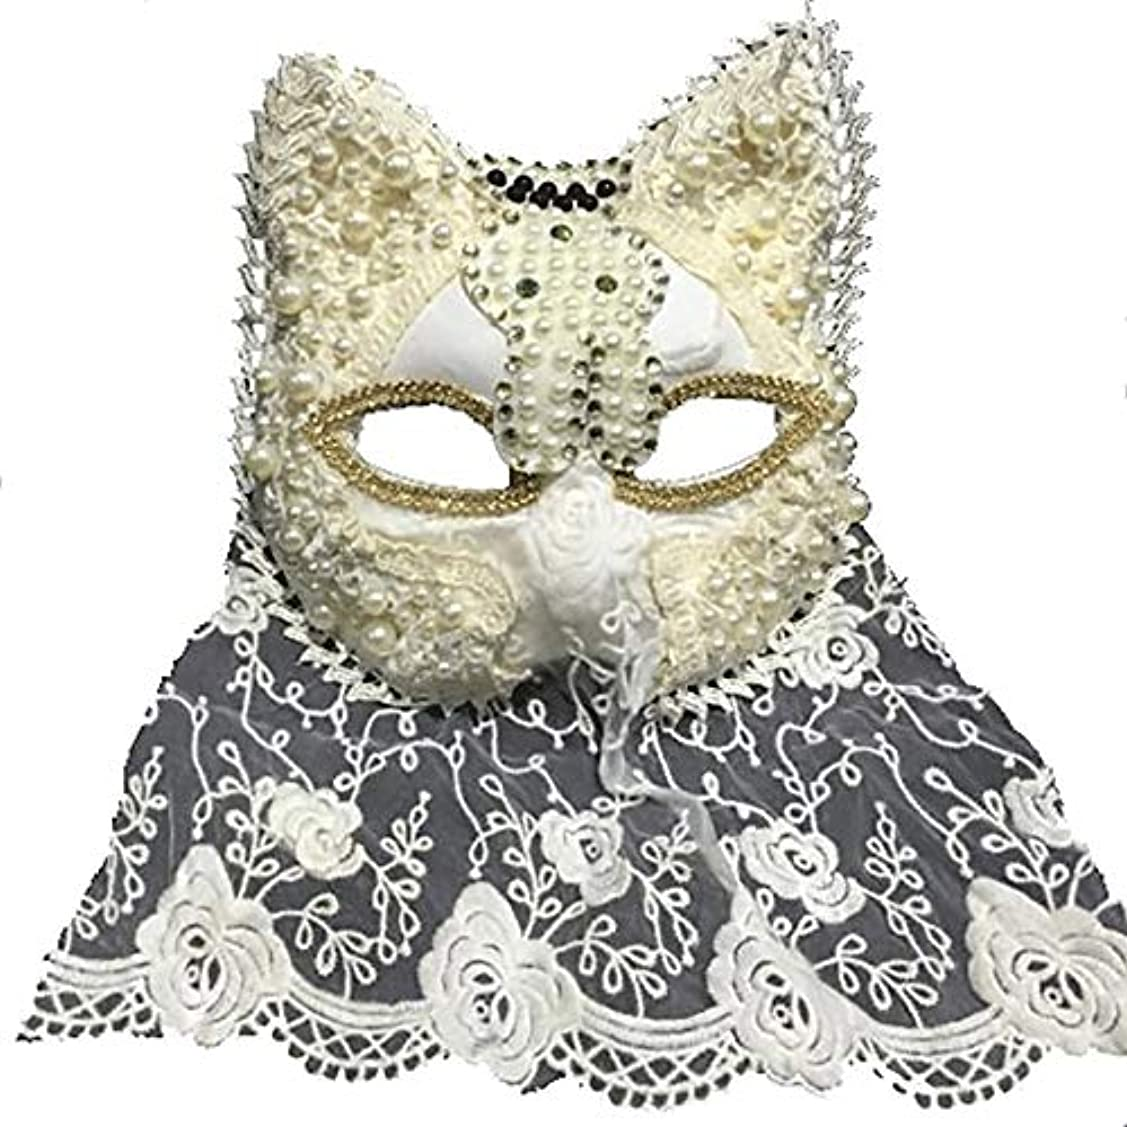 買収収穫雪だるまNanle ハロウィーンクリスマスフリンジフェザーフラワークリスタルビーズマスク仮装マスクレディミスプリンセス美容祭パーティーデコレーションマスク (色 : Style F)